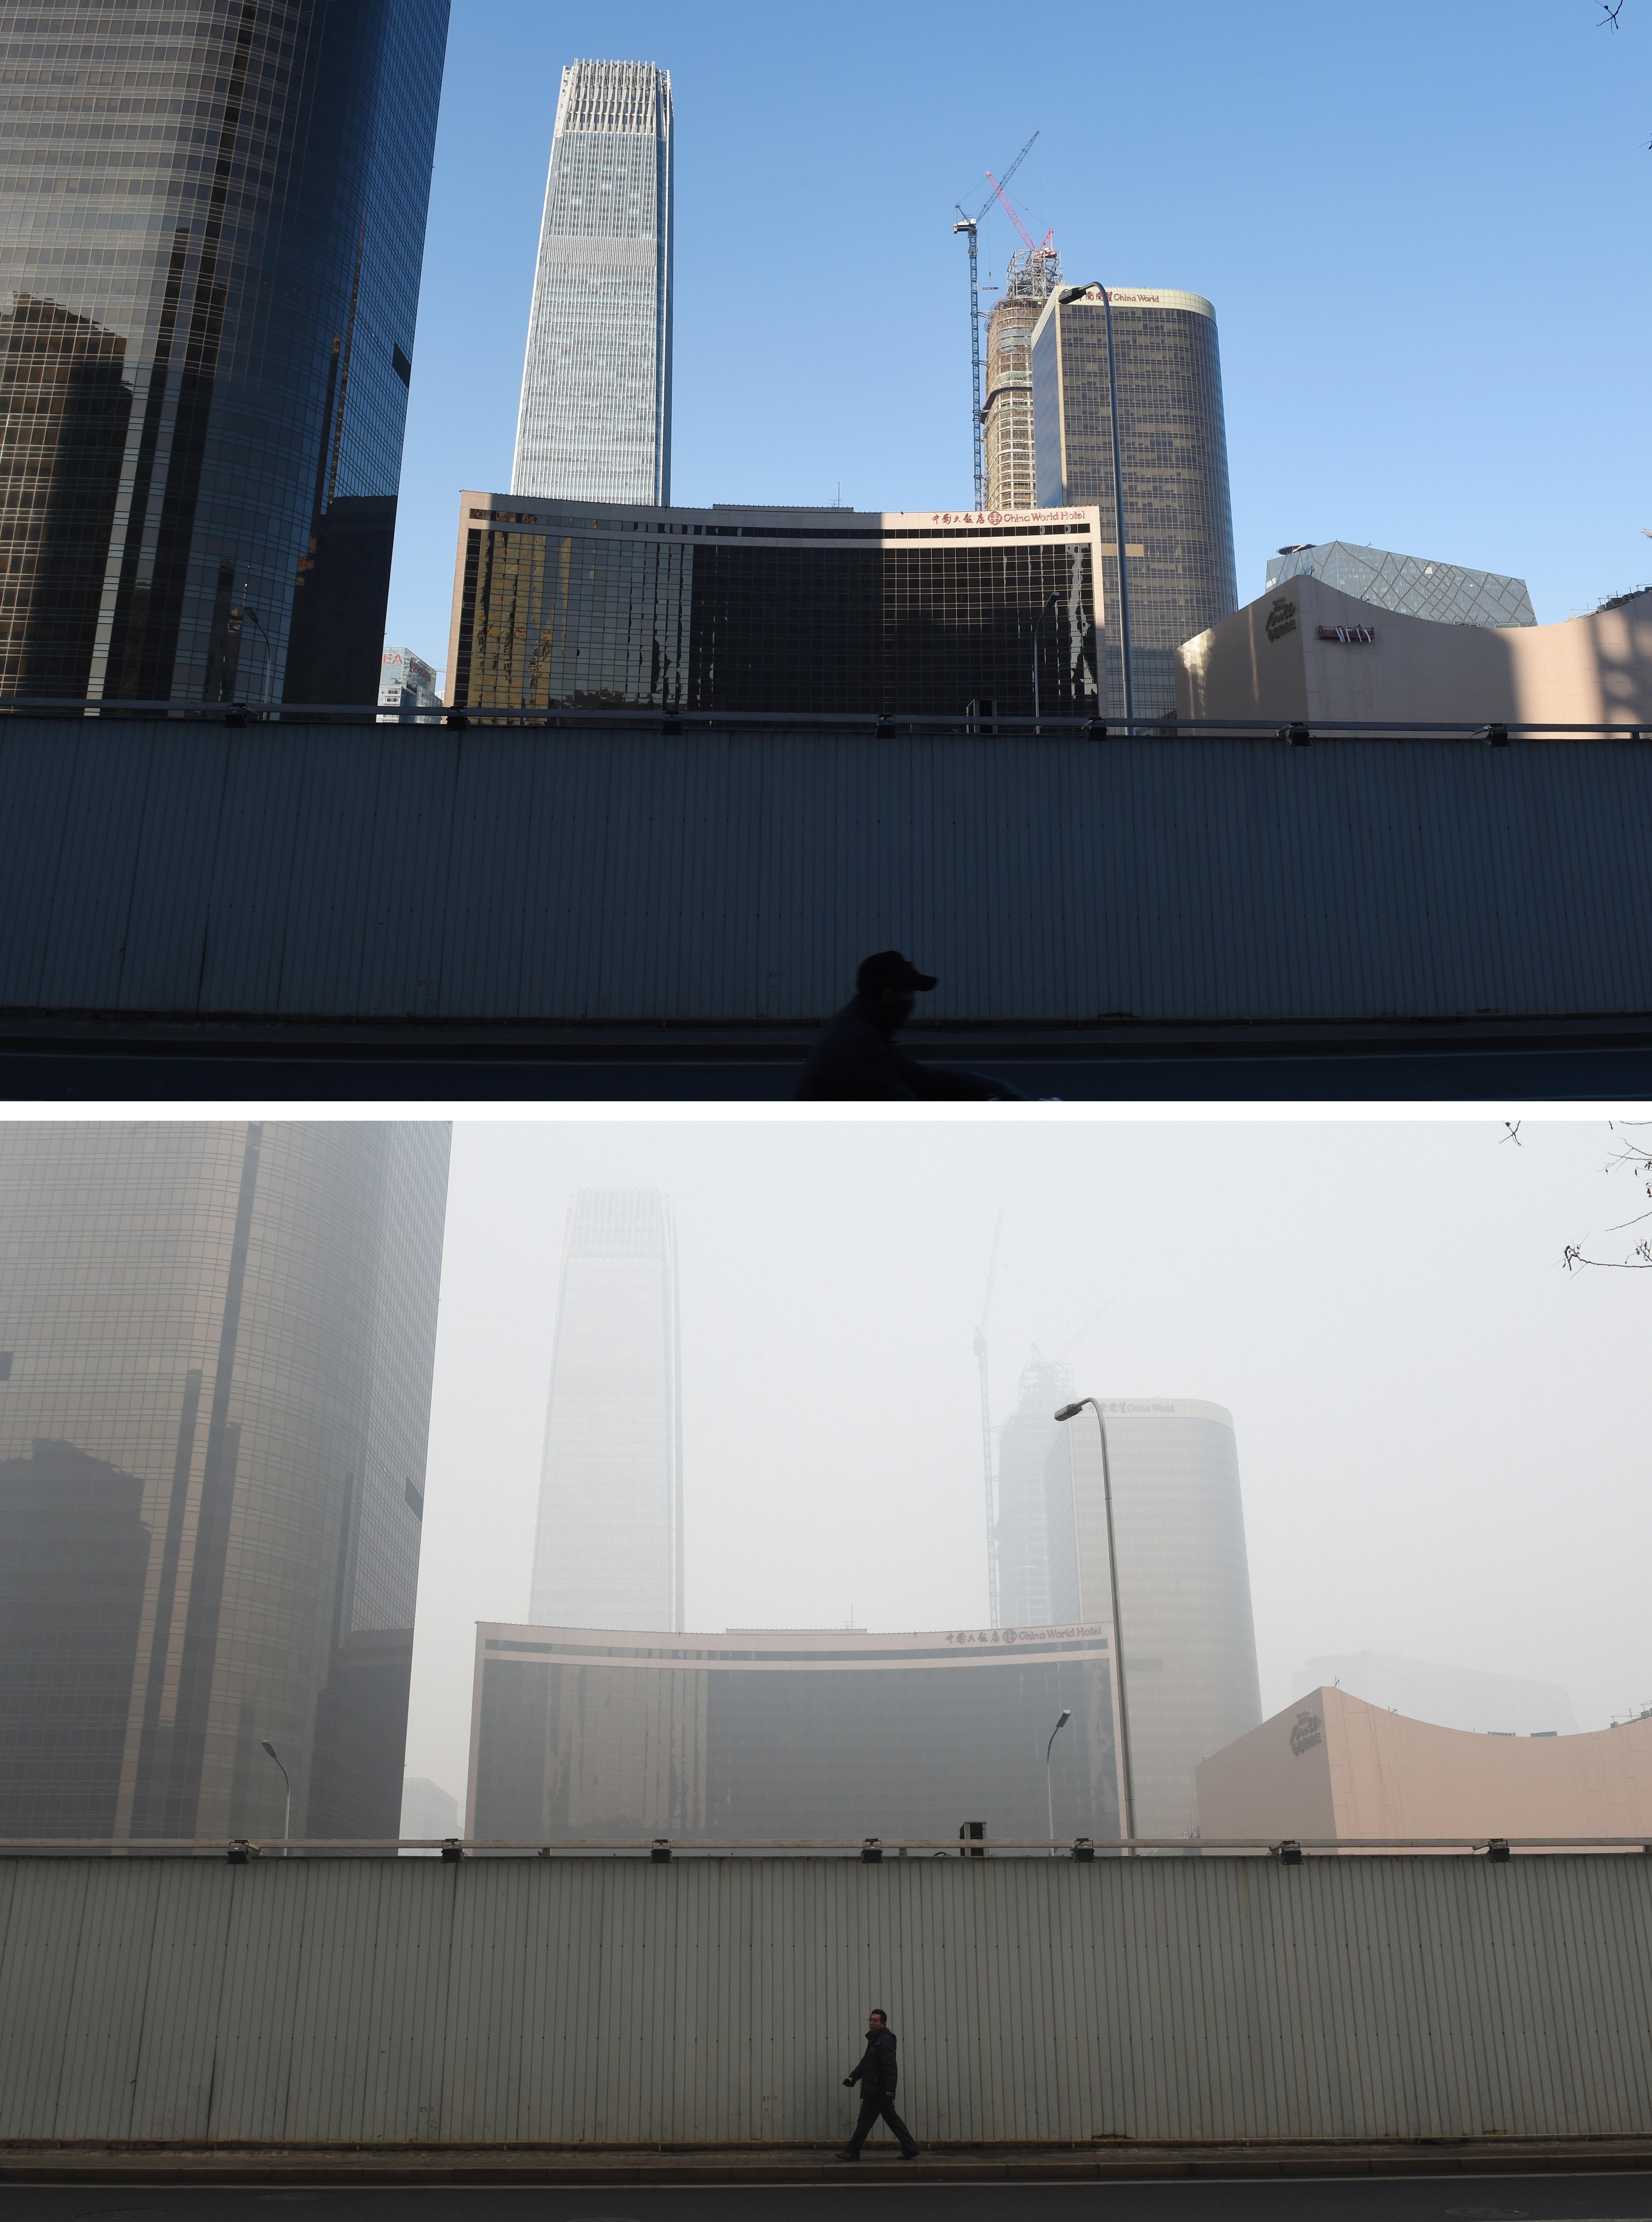 10 de diciembre (arriba) y 9 de diciembre (abajo) | Greg Baker | Agence France-Presse